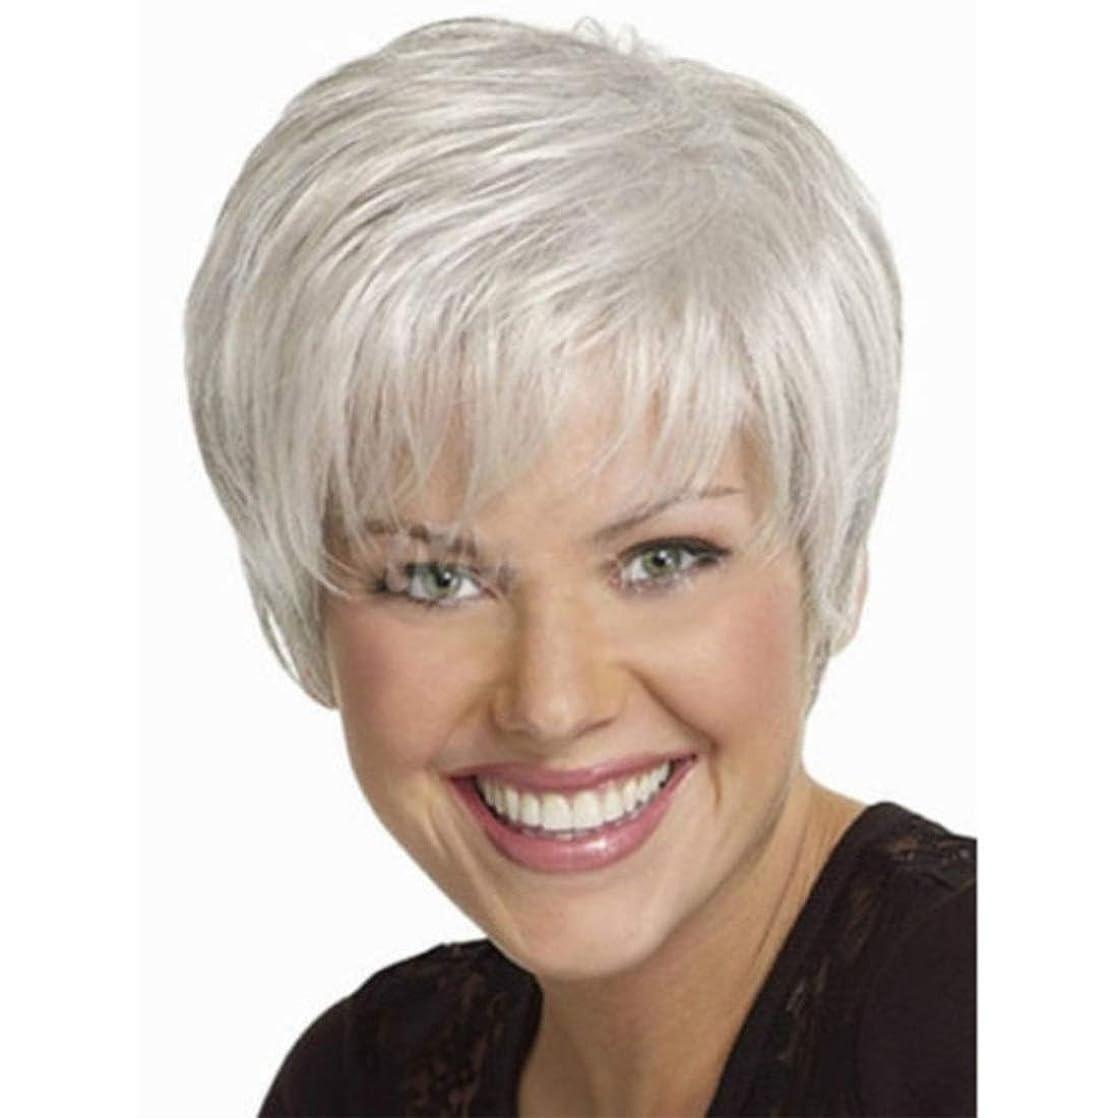 きらきら建設配るSummerys ショートヘアウィッグショートストレート人工毛フルウィッグ自然に見える高温ワイヤーウィッグ女性用